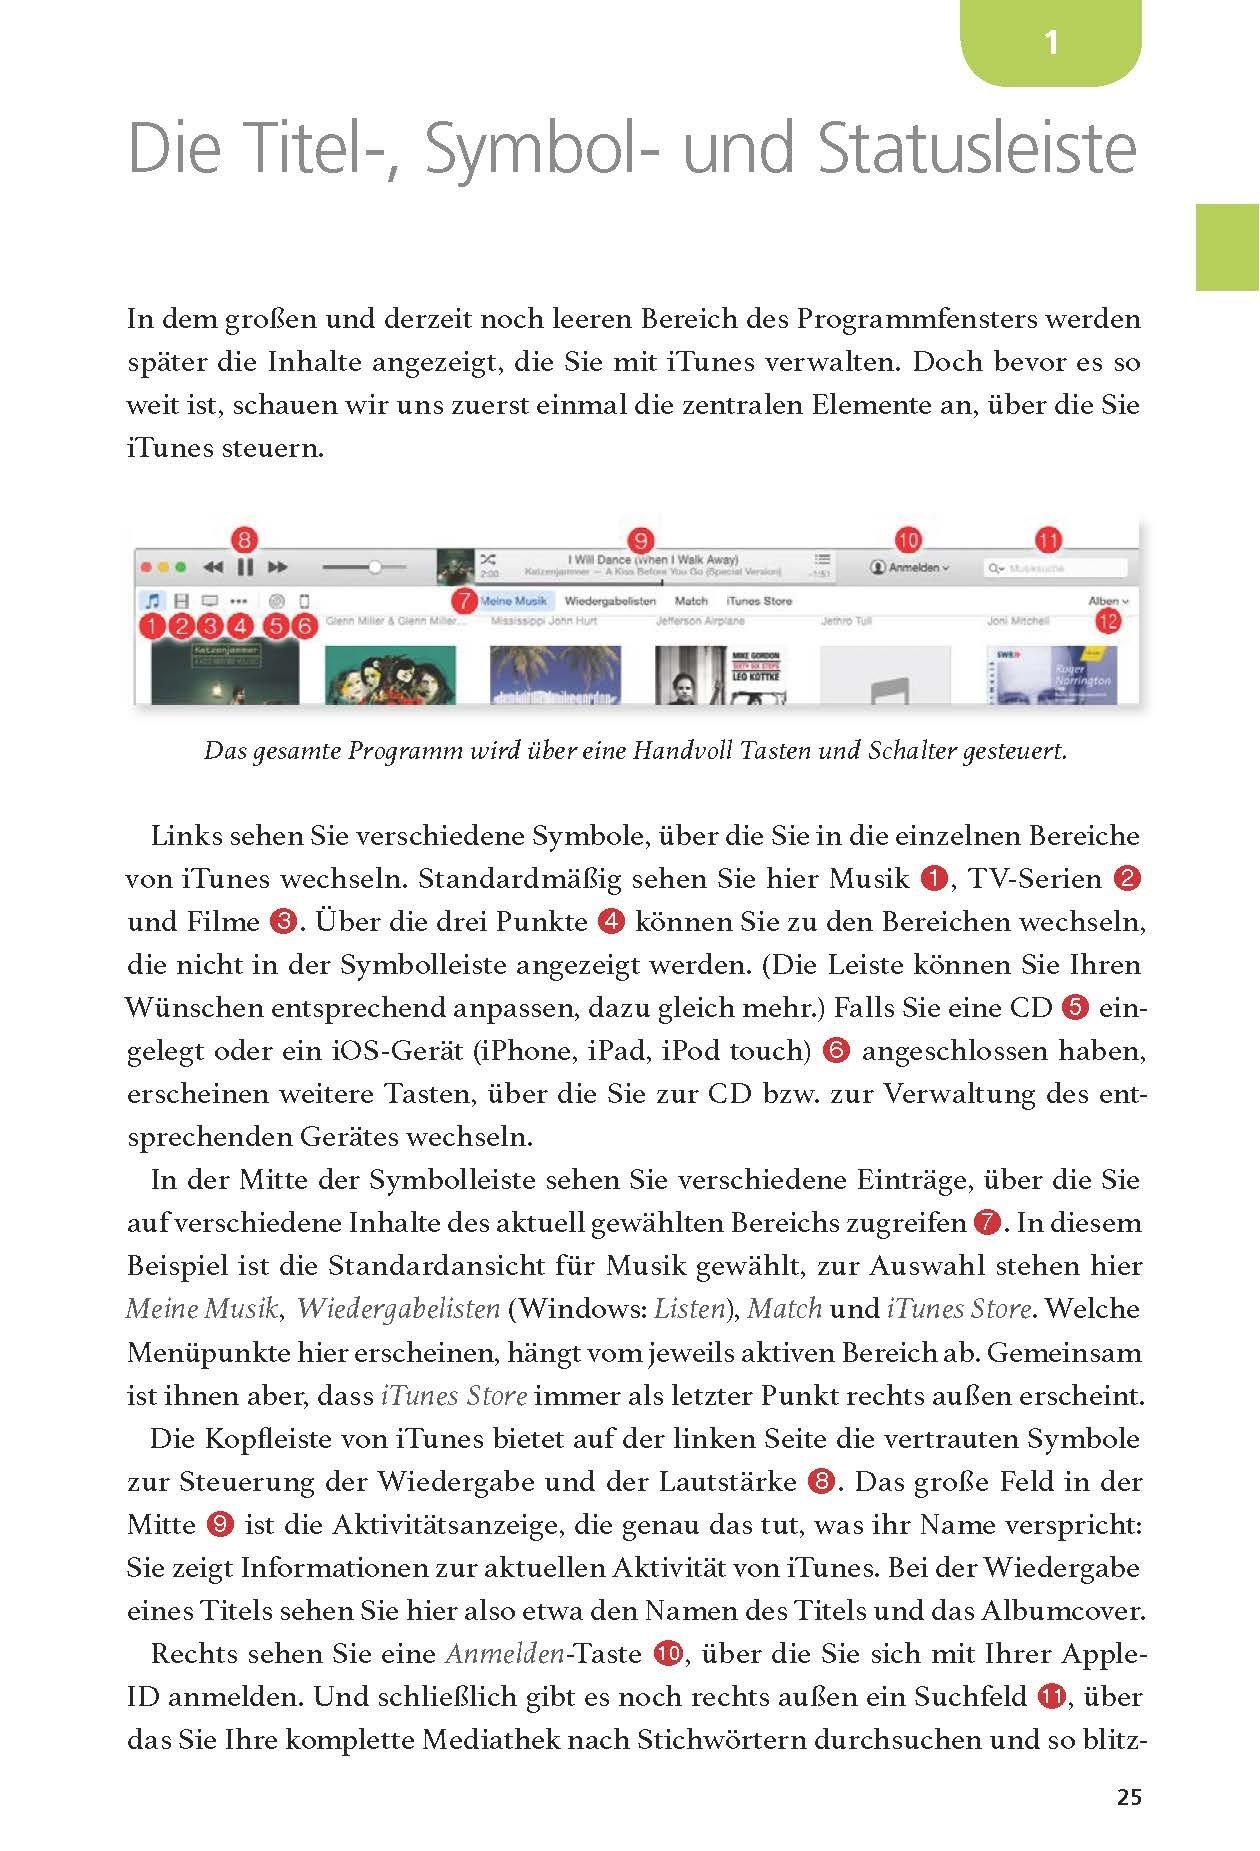 Ziemlich Schaltuhr Schaltplan Galerie - Der Schaltplan - triangre.info